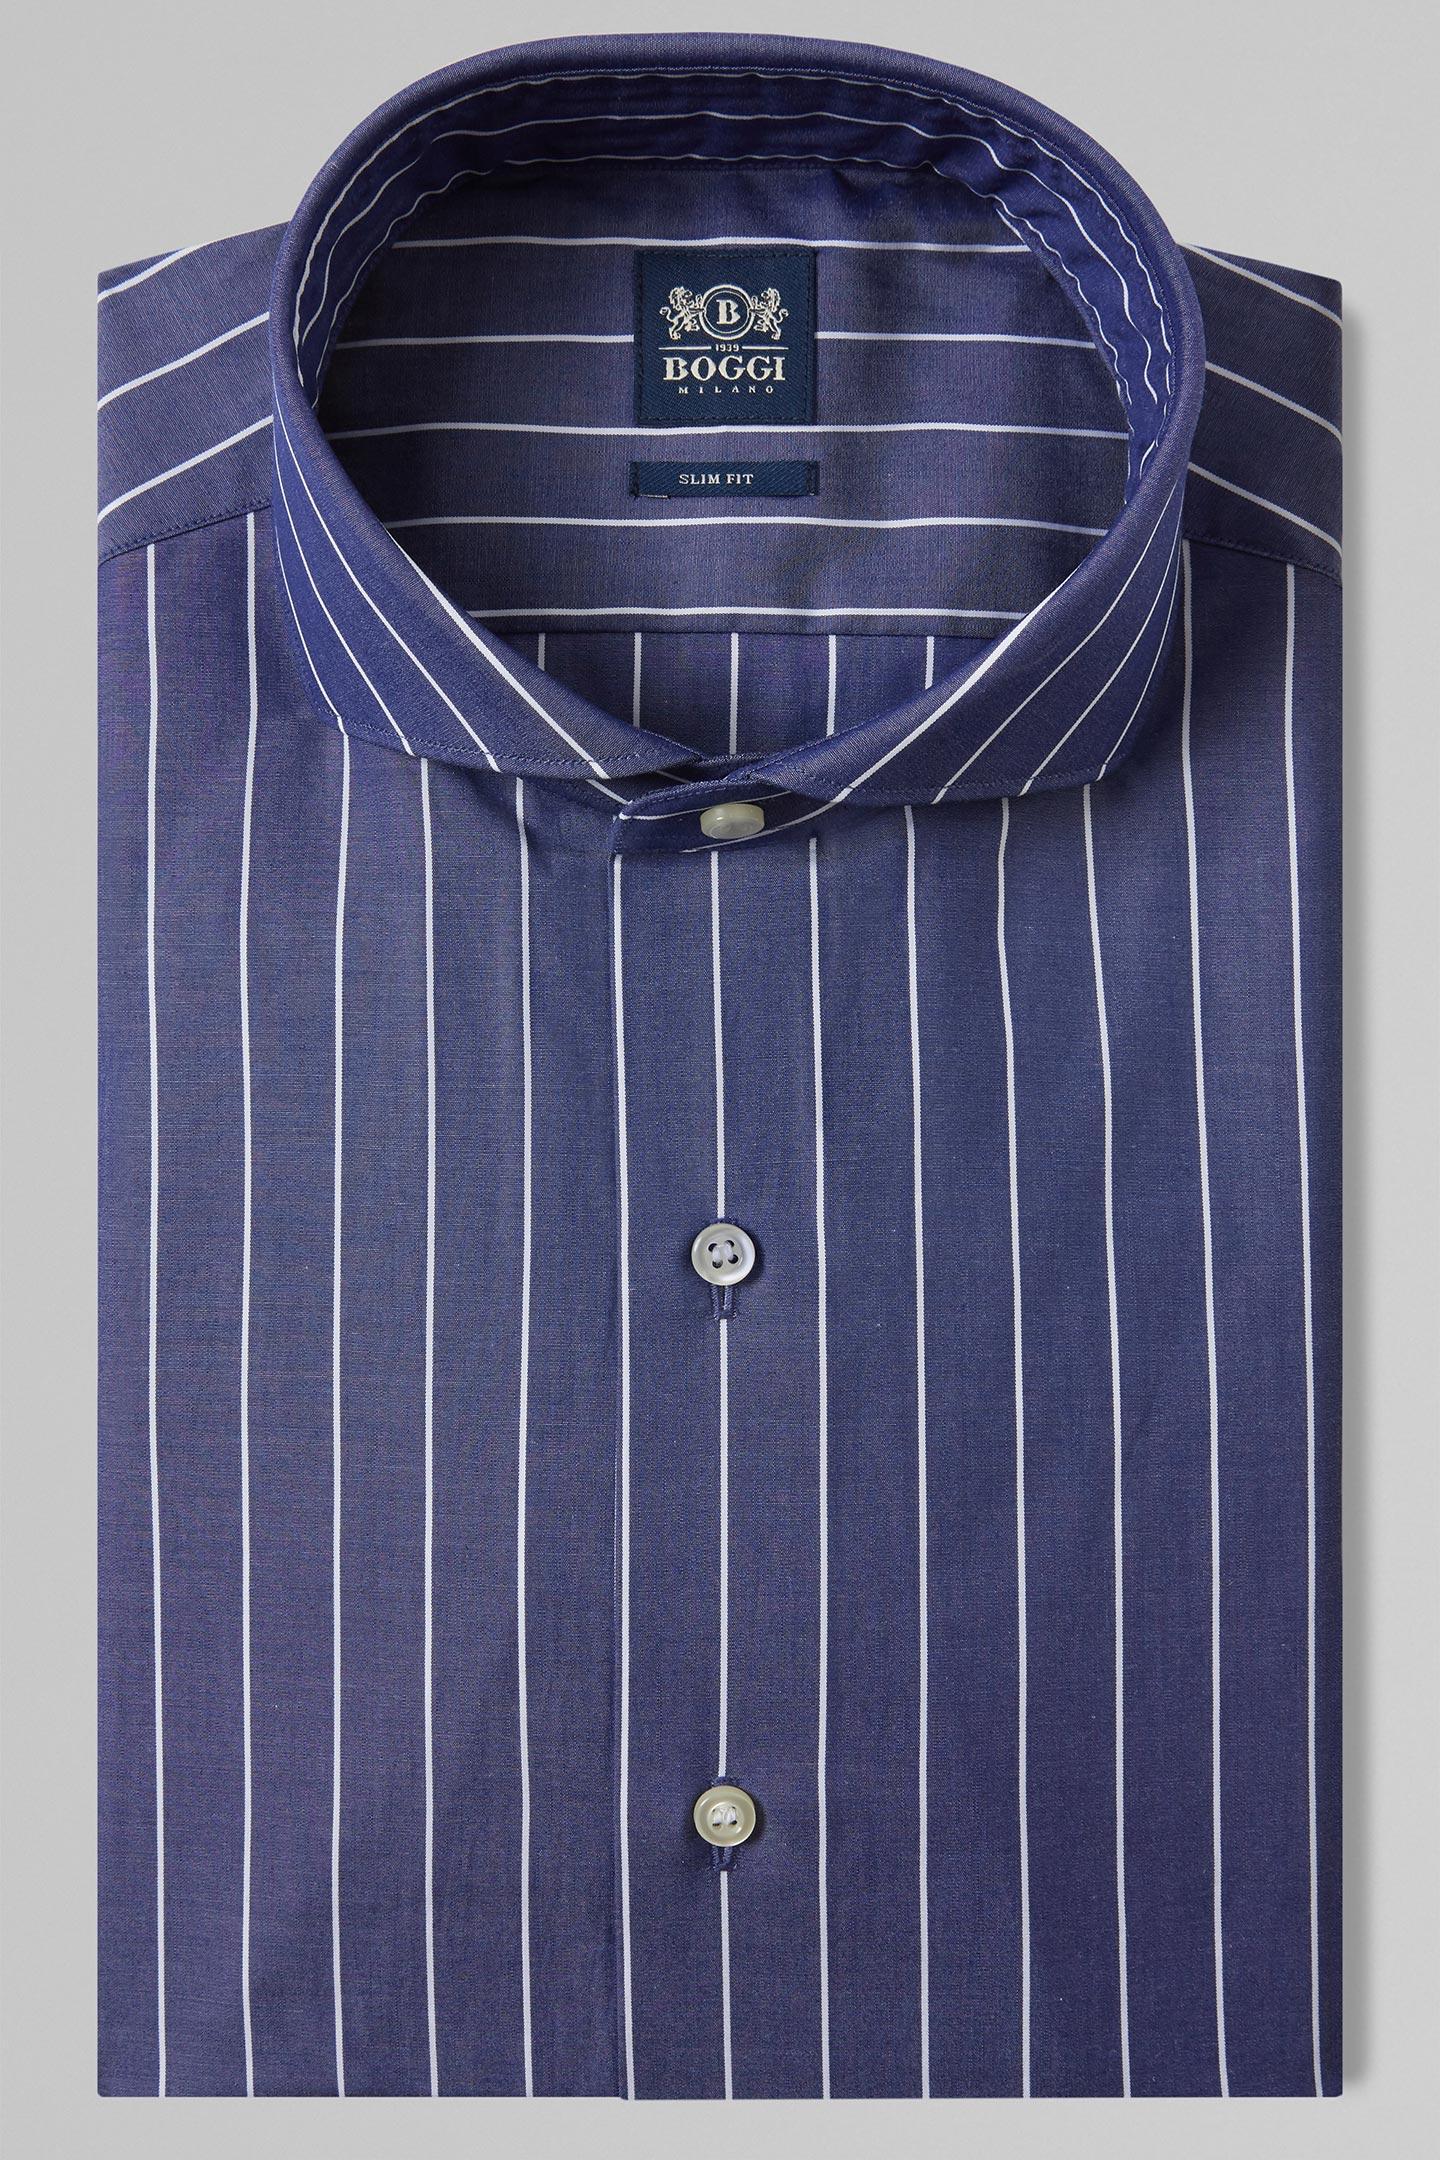 48301ddd1275 Camicie da Uomo online eleganti e casual | Boggi Milano